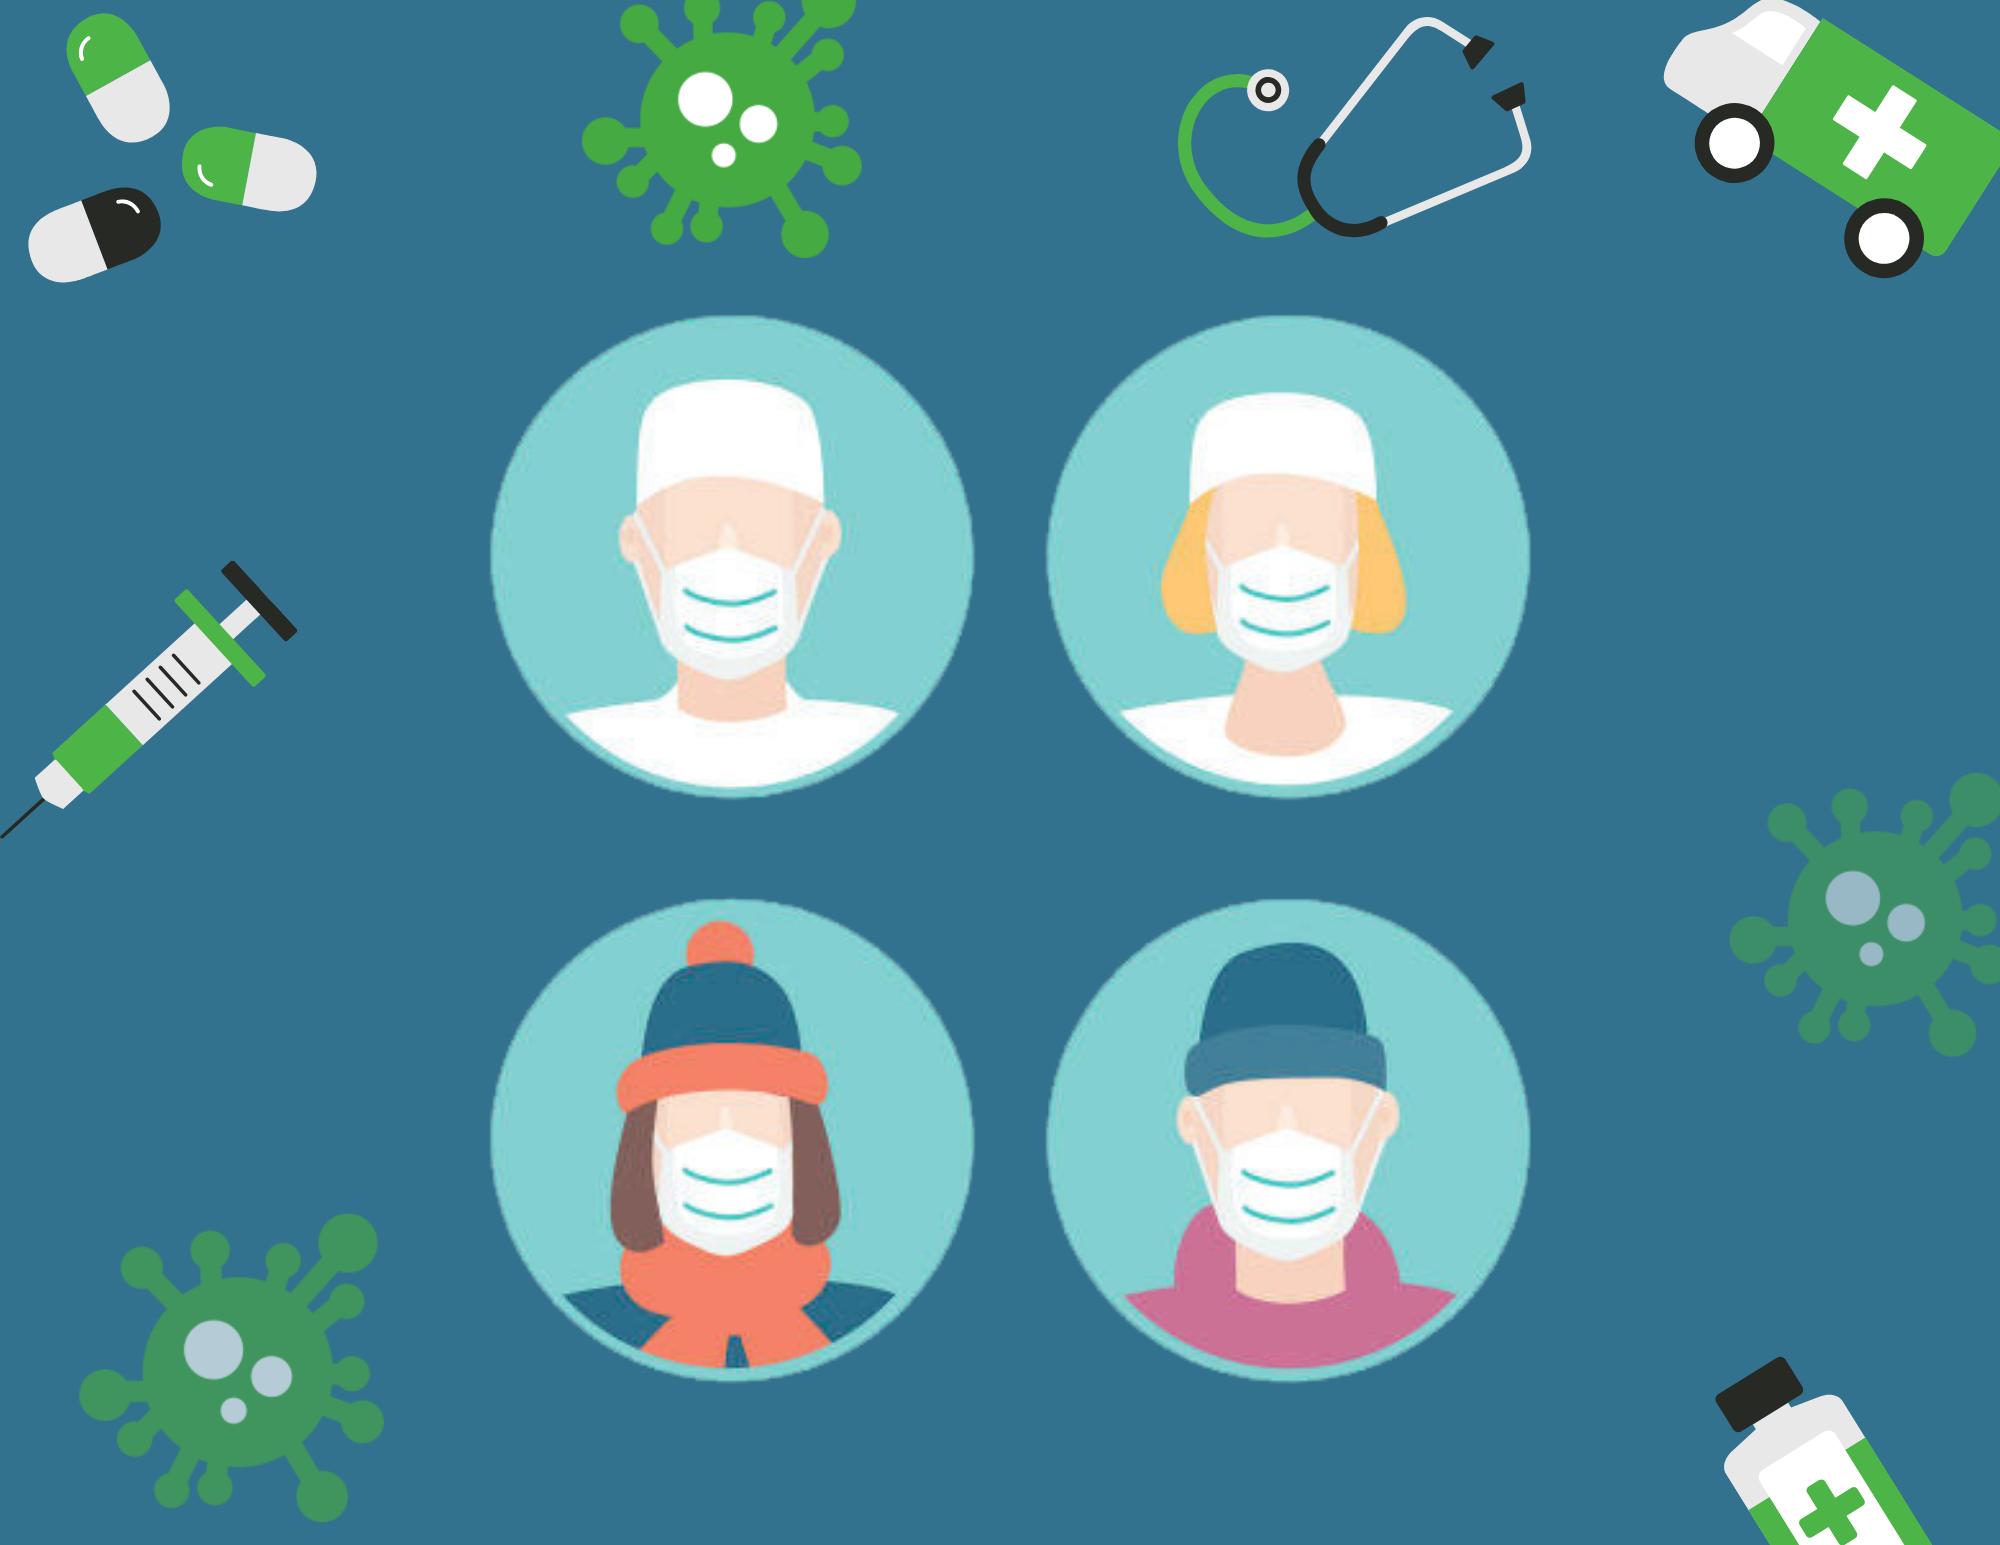 Як роботодавець може попіклуватися про здоров'я та безпеку працівників під час епідемії